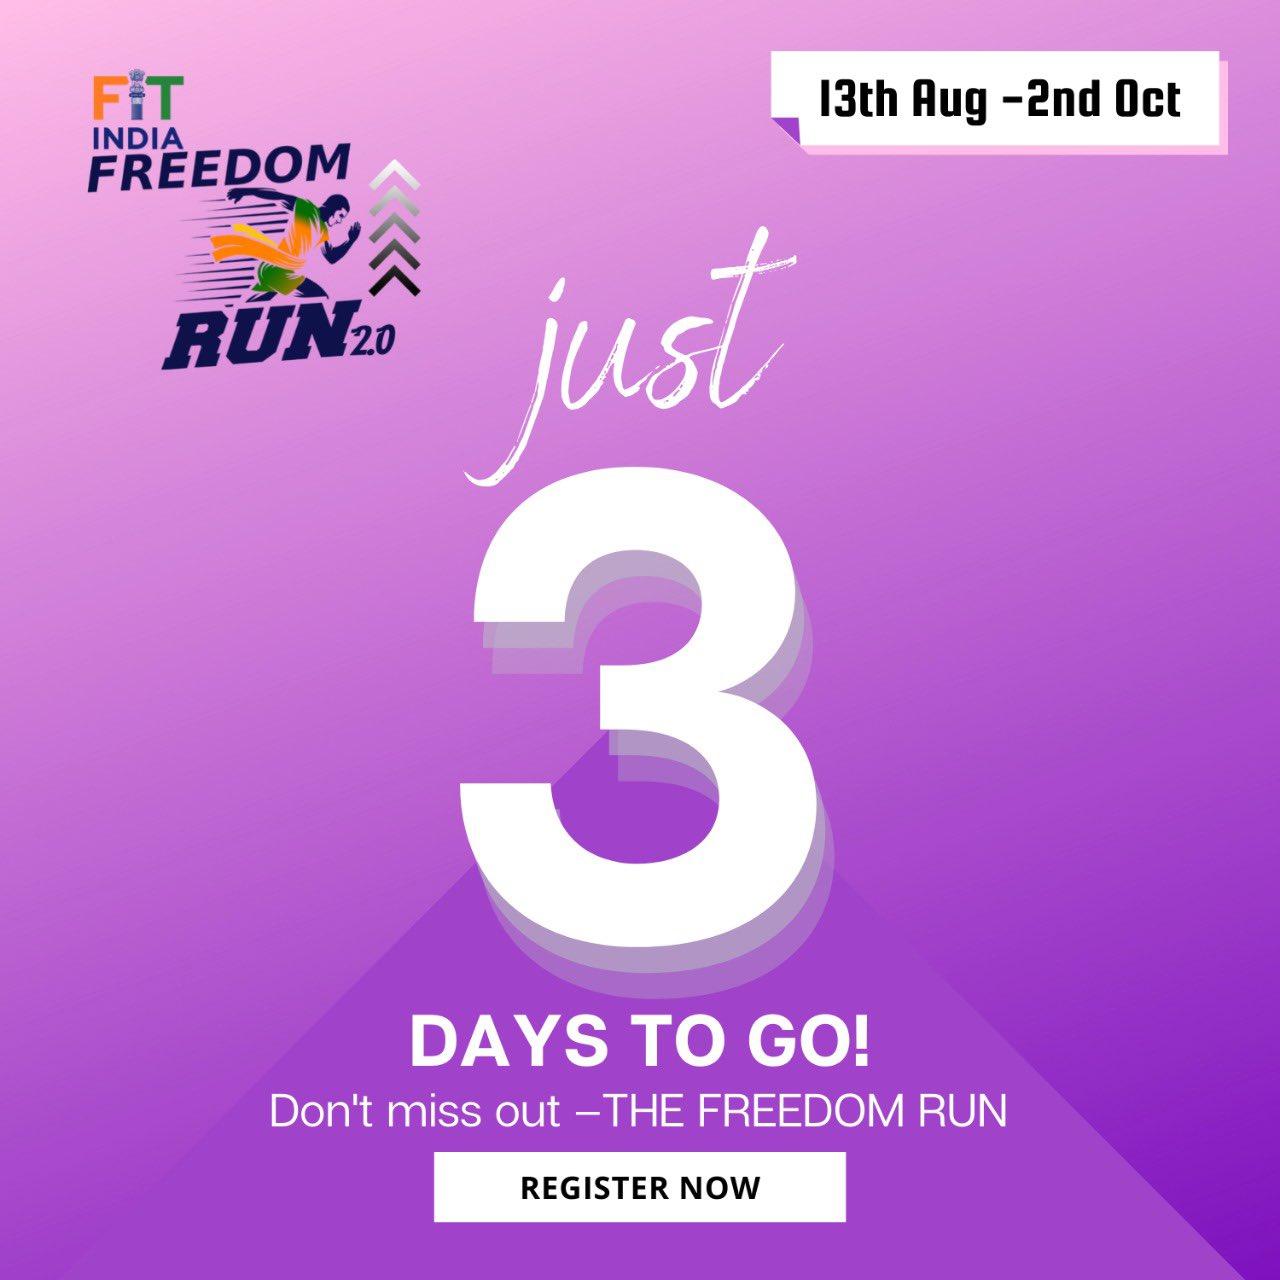 खेल मंत्री अनुराग सिंह ठाकुर 13 अगस्त को फिट इंडिया फ्रीडम रन 2.0 के राष्ट्रव्यापी कार्यक्रम का शुभारम्भ करेंगे